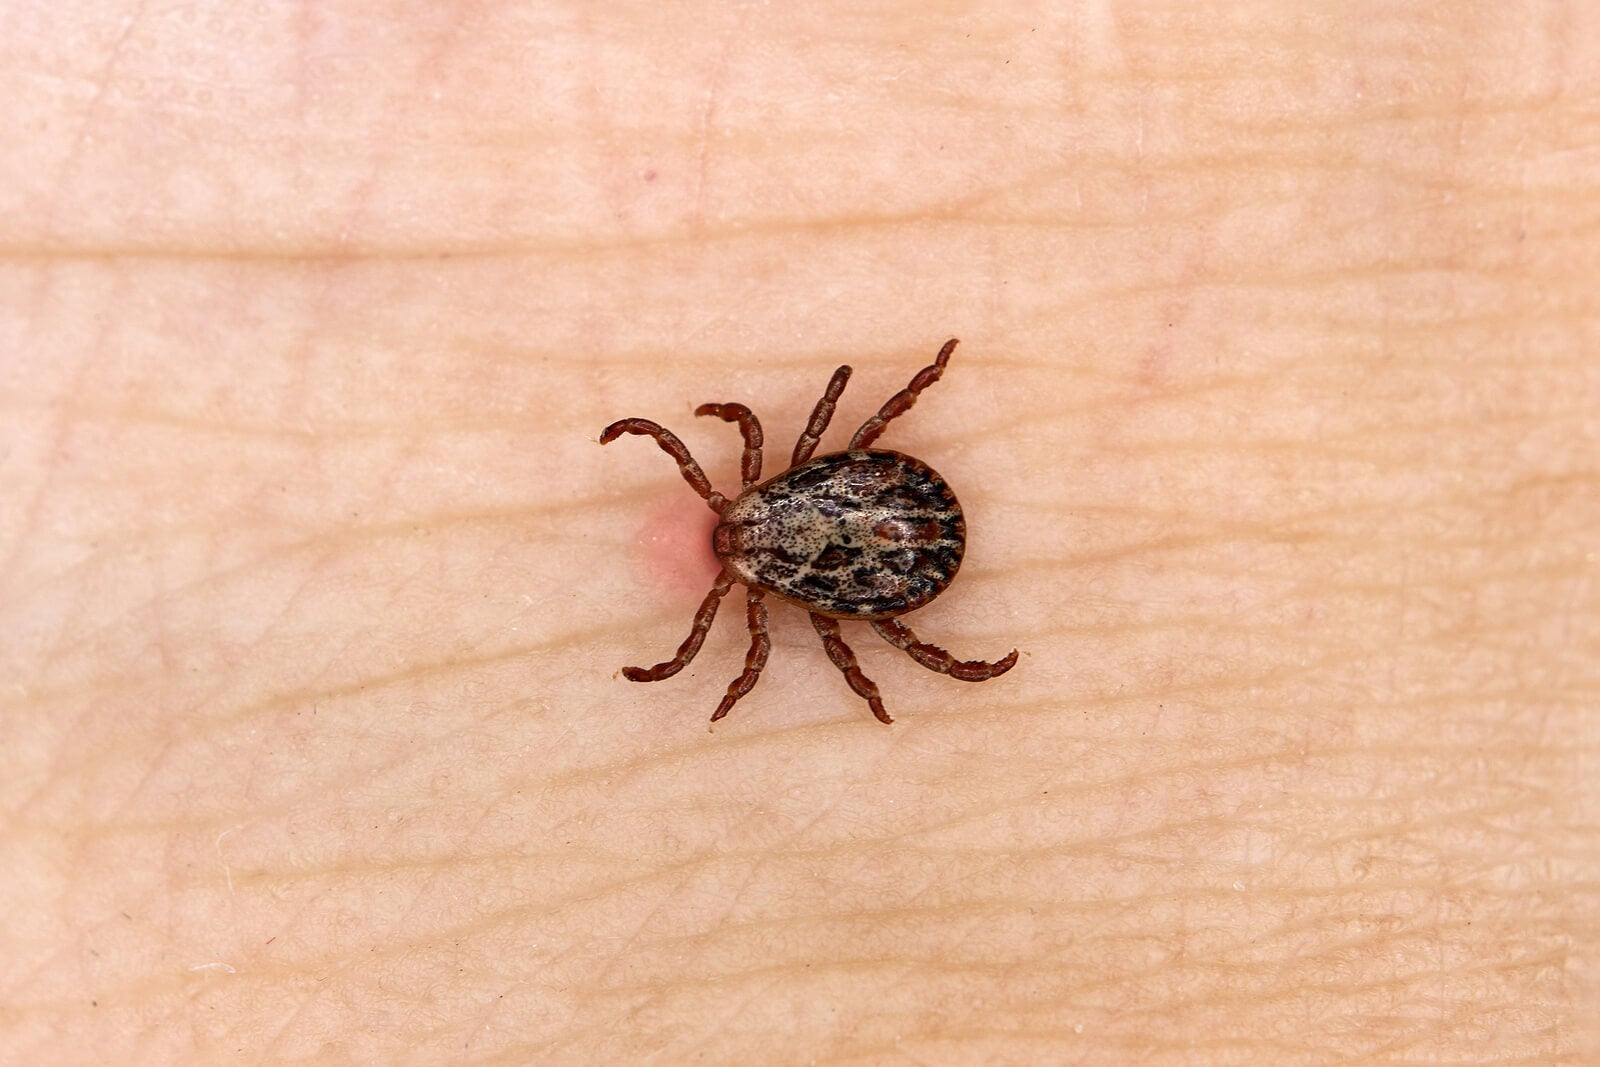 Las causas y factores de riesgo de la enfermedad de Lyme incluyen la mordedura por un insecto